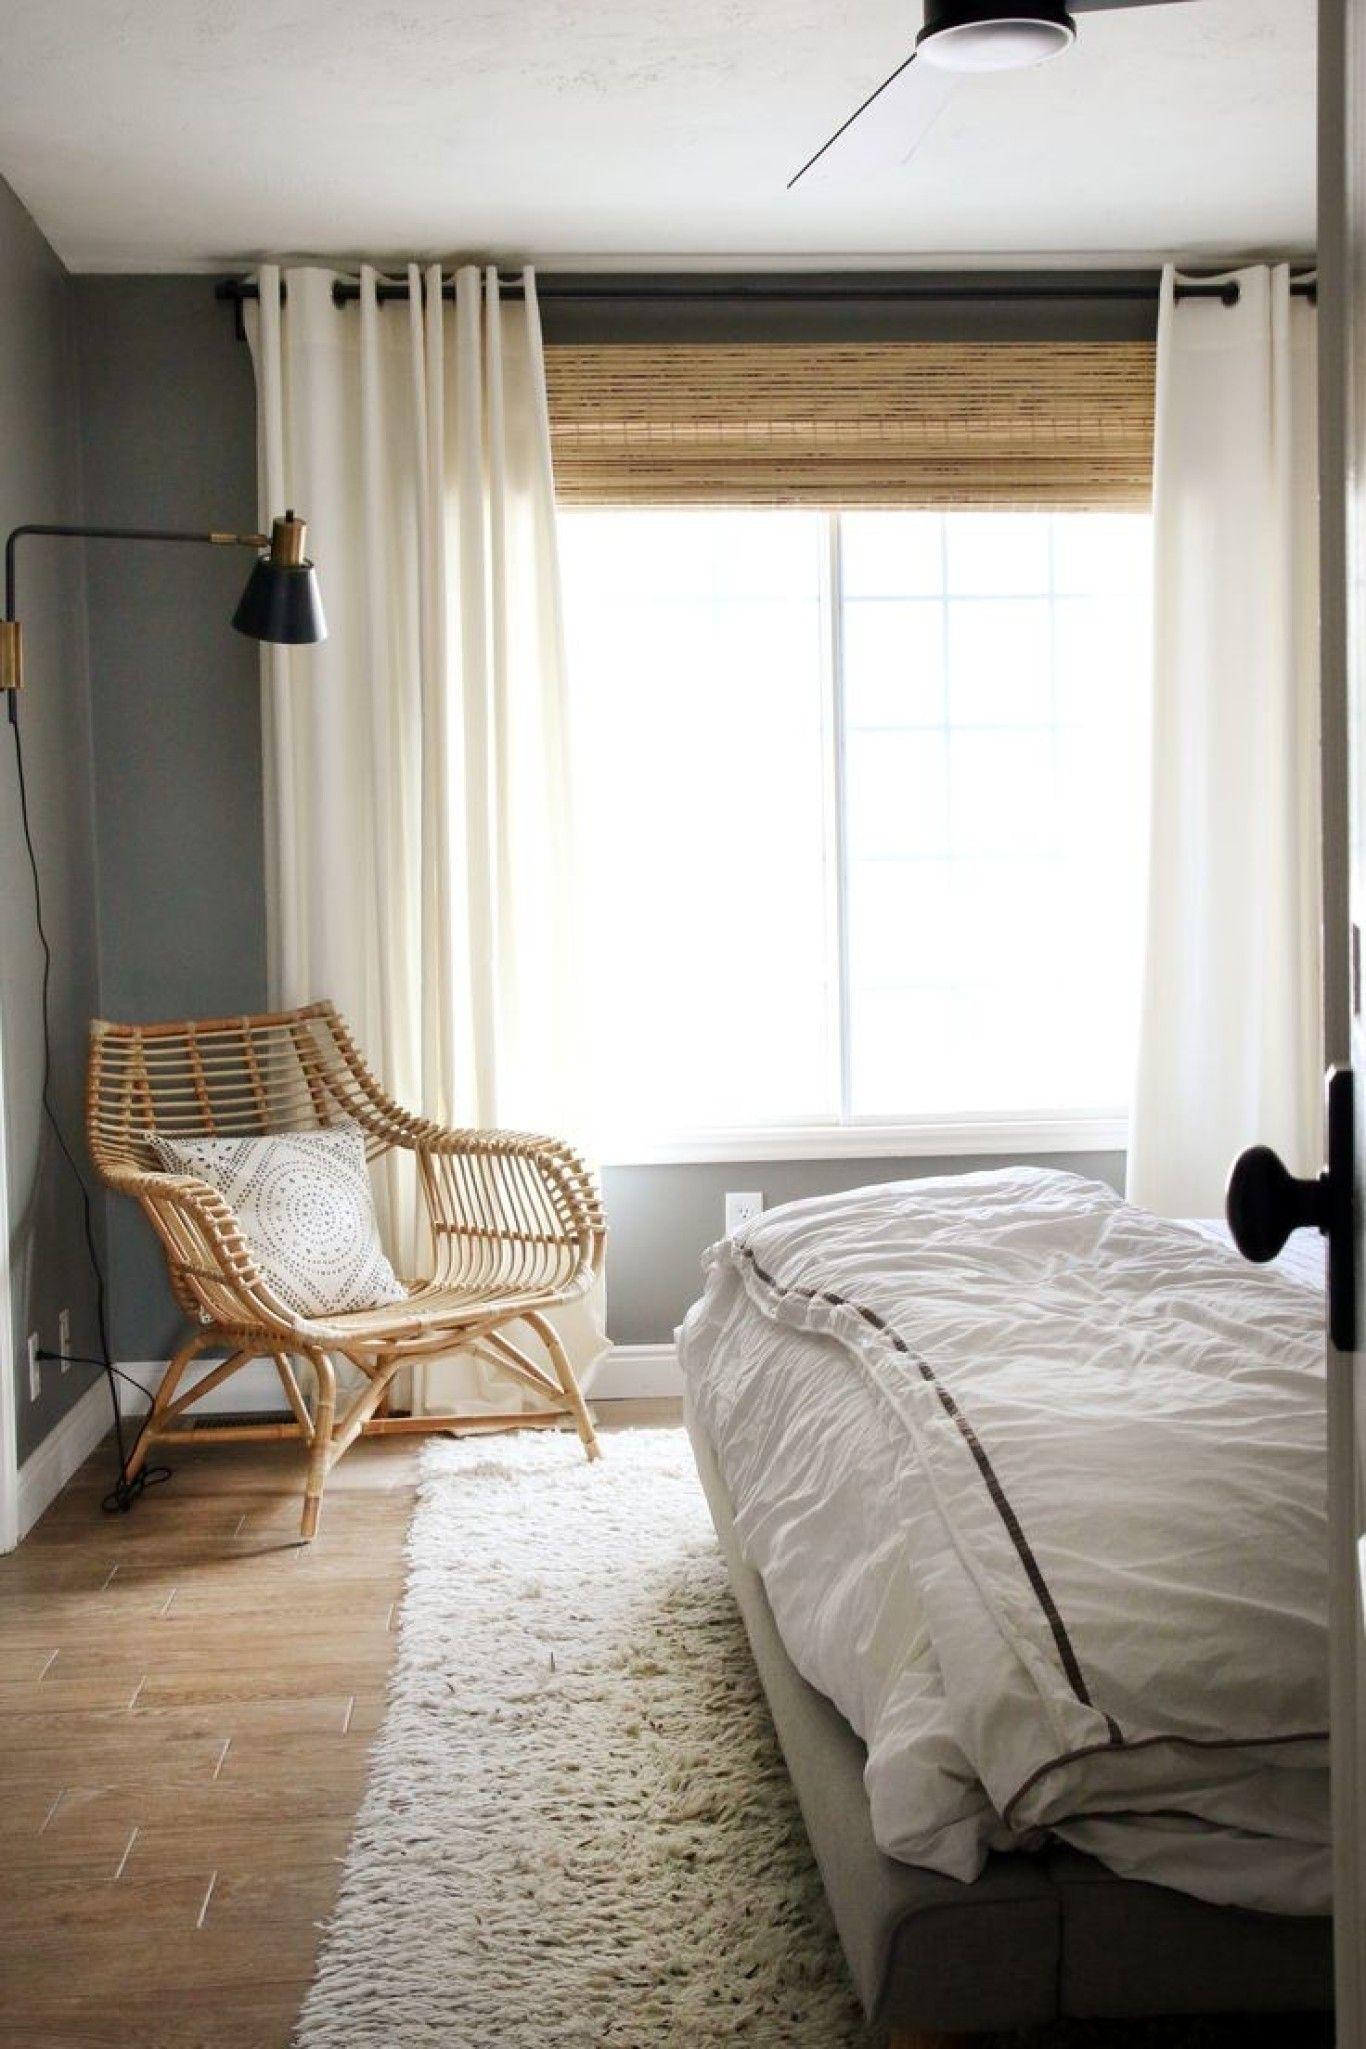 Beeindruckende Schlafzimmer Fenster Vorhang Ideen In 2020